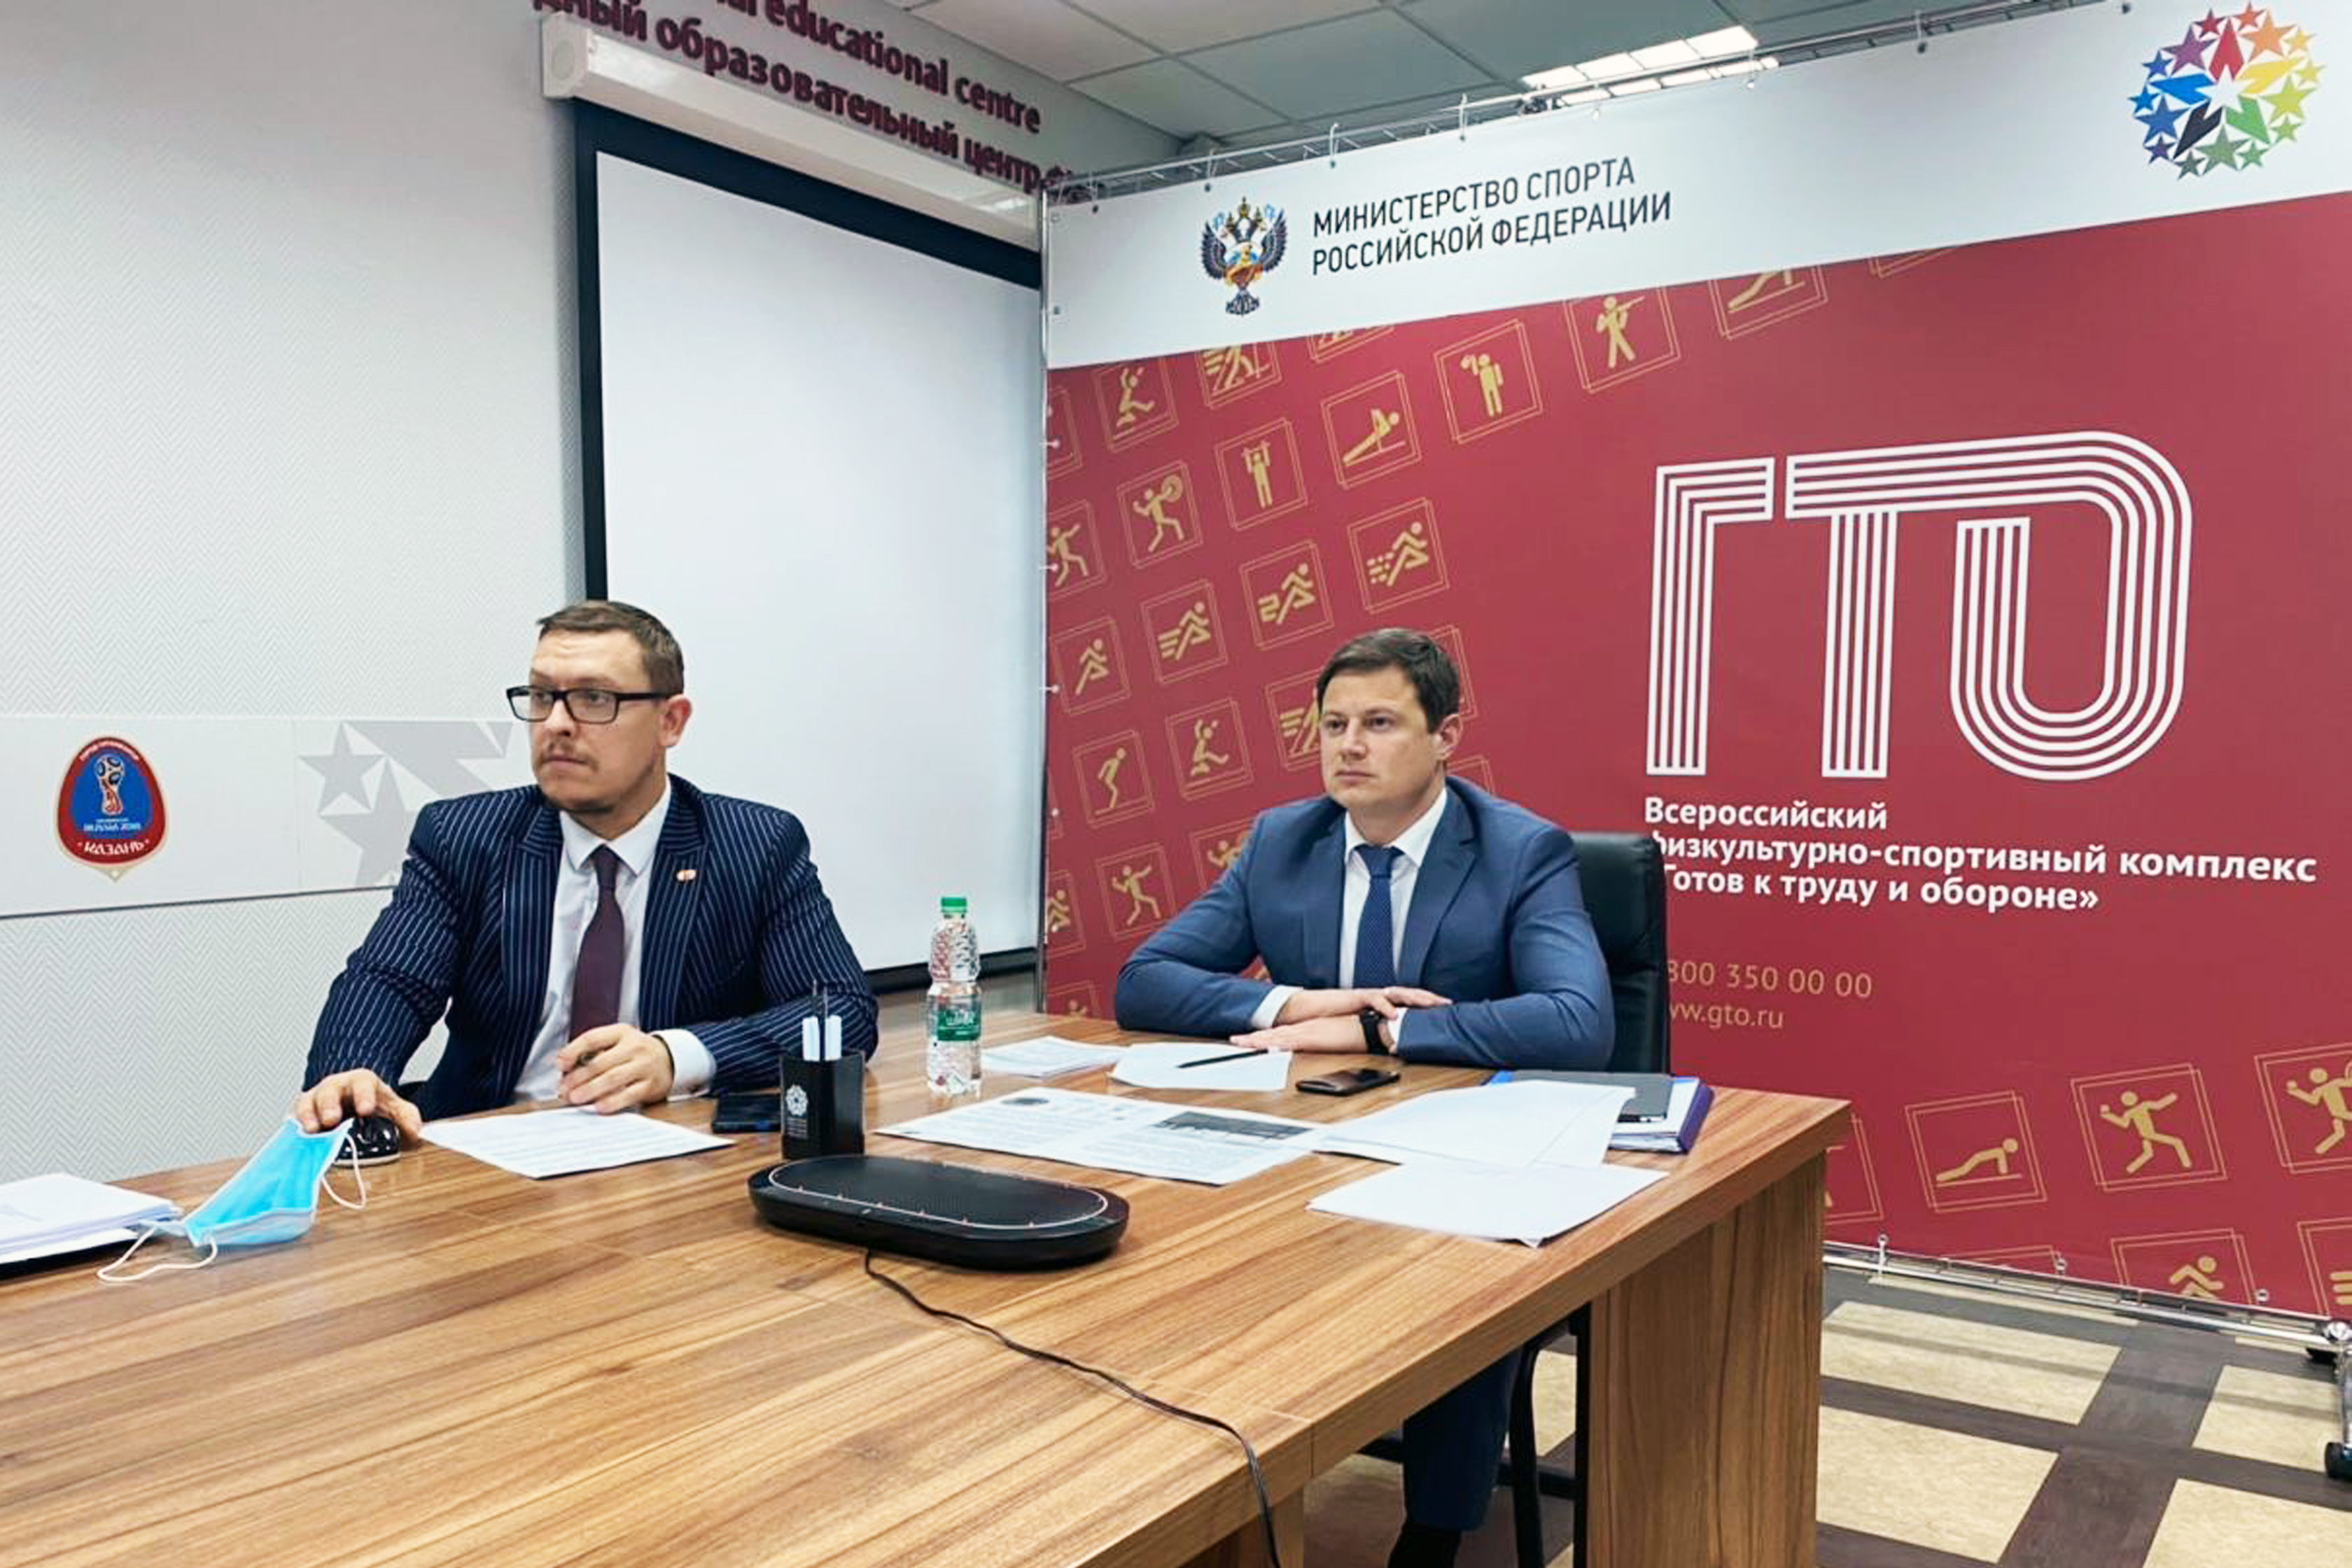 В Министерстве спорта России прошло 19-е заседание Координационной комиссии по реализации комплекса ГТО